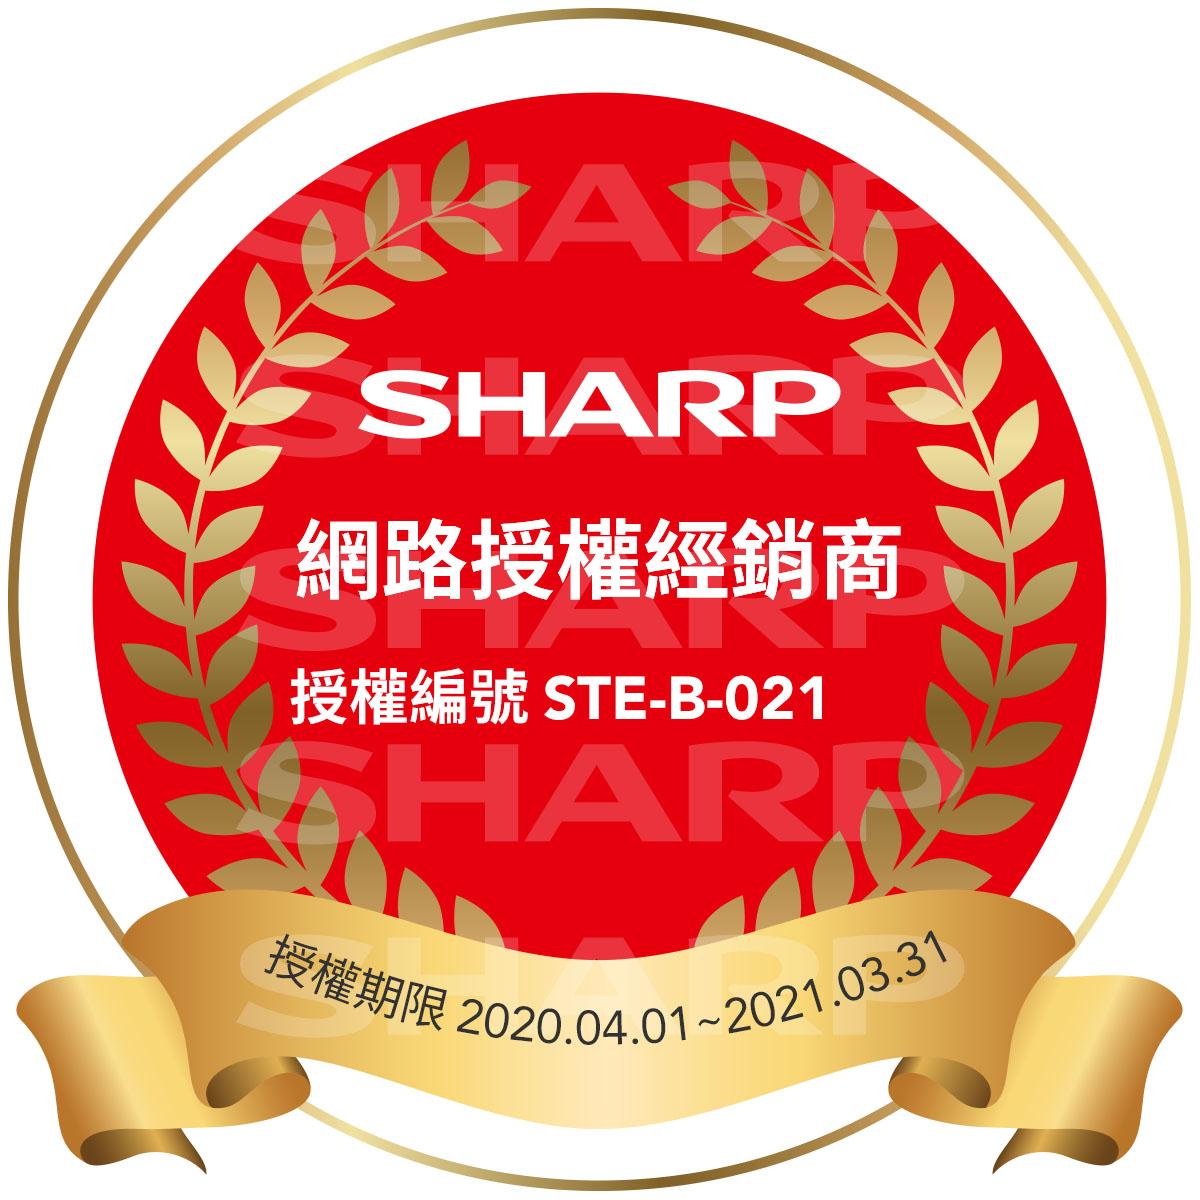 SHARP授權經銷商